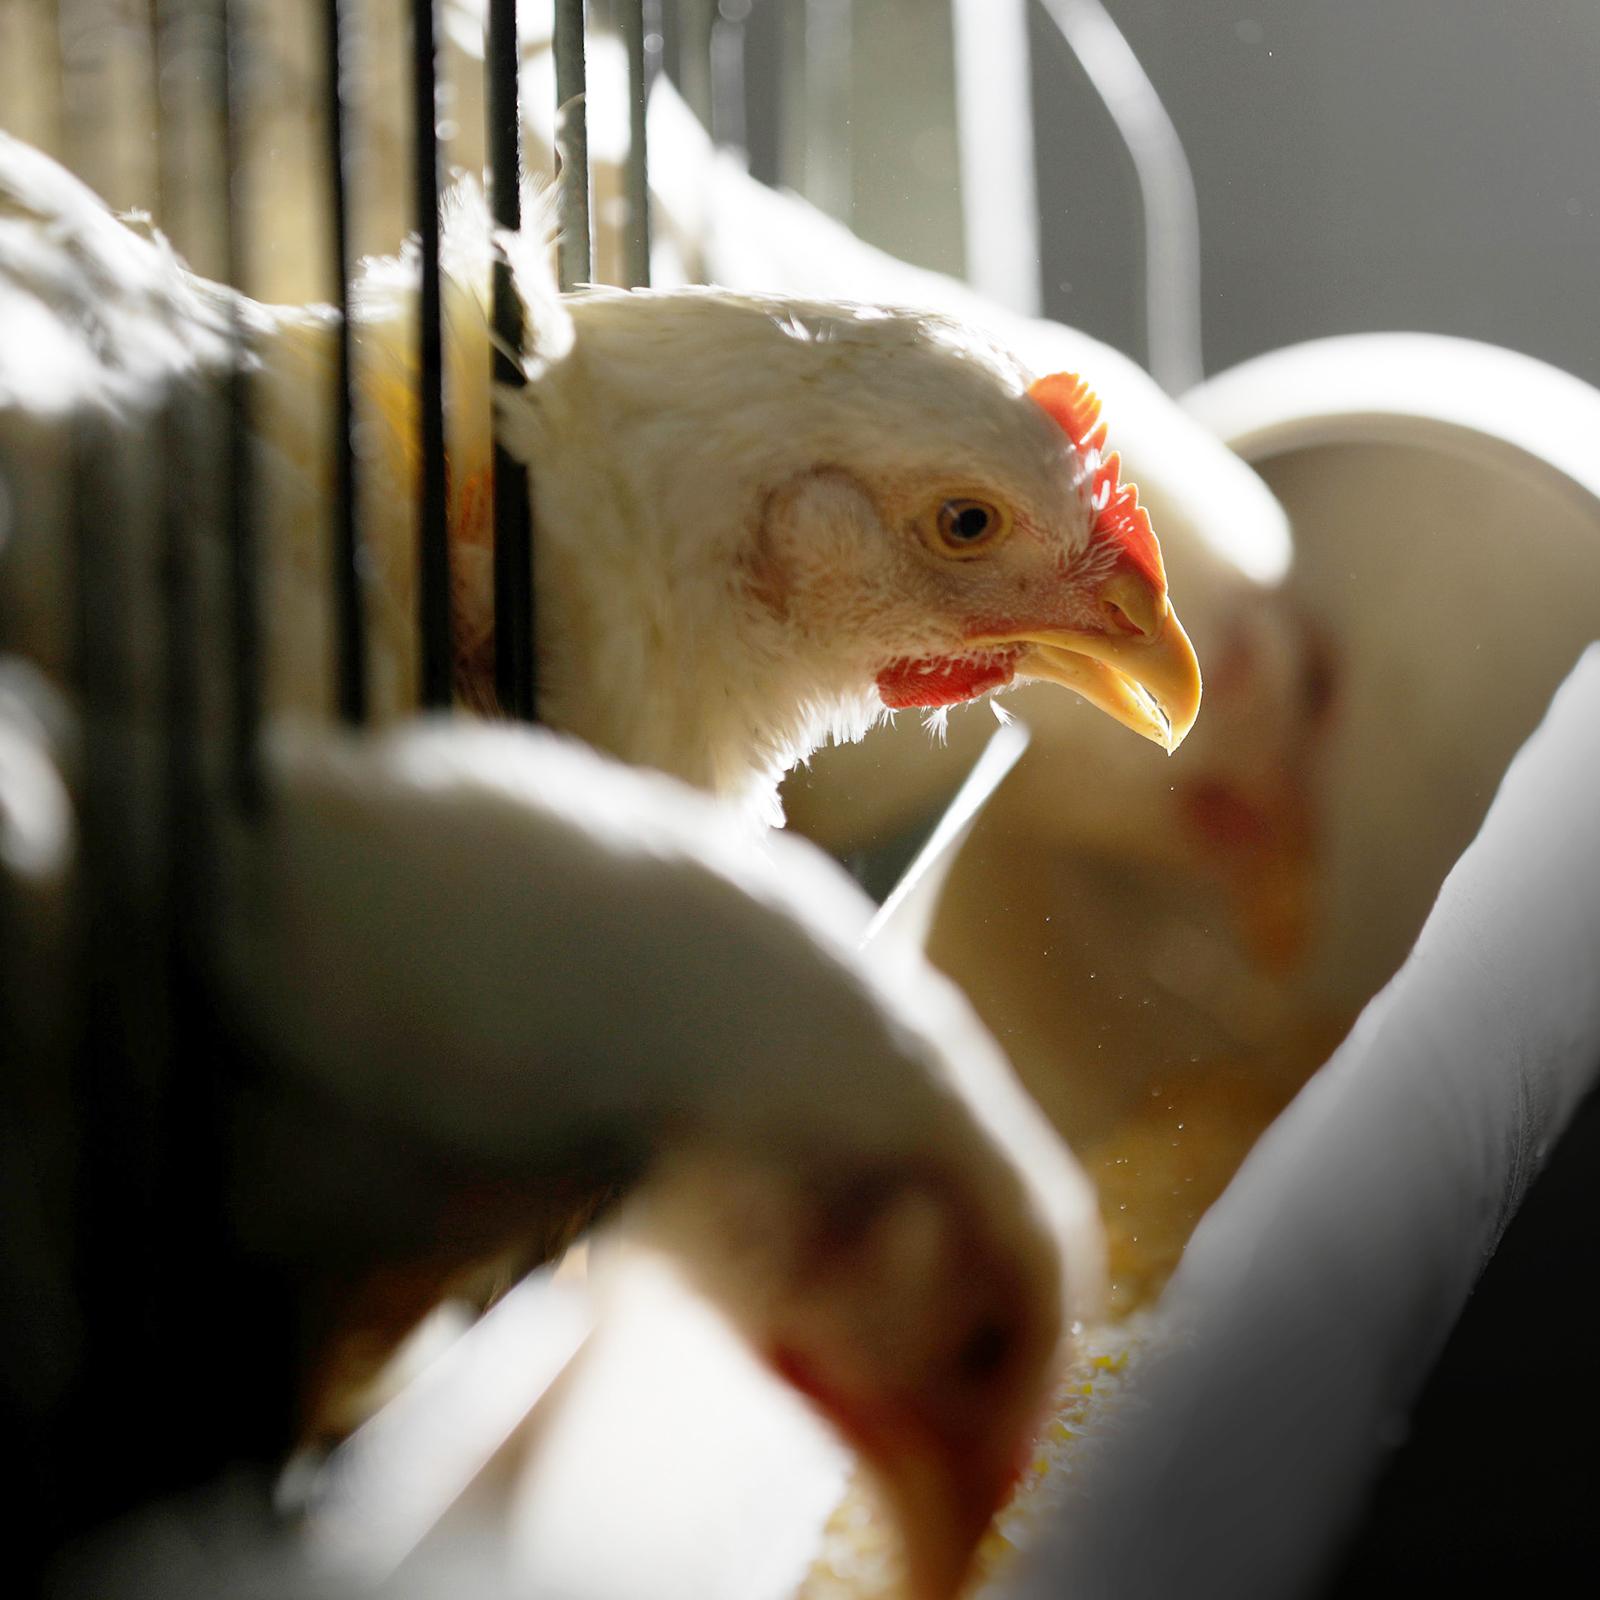 O mito dos hormônios em frangos de corte